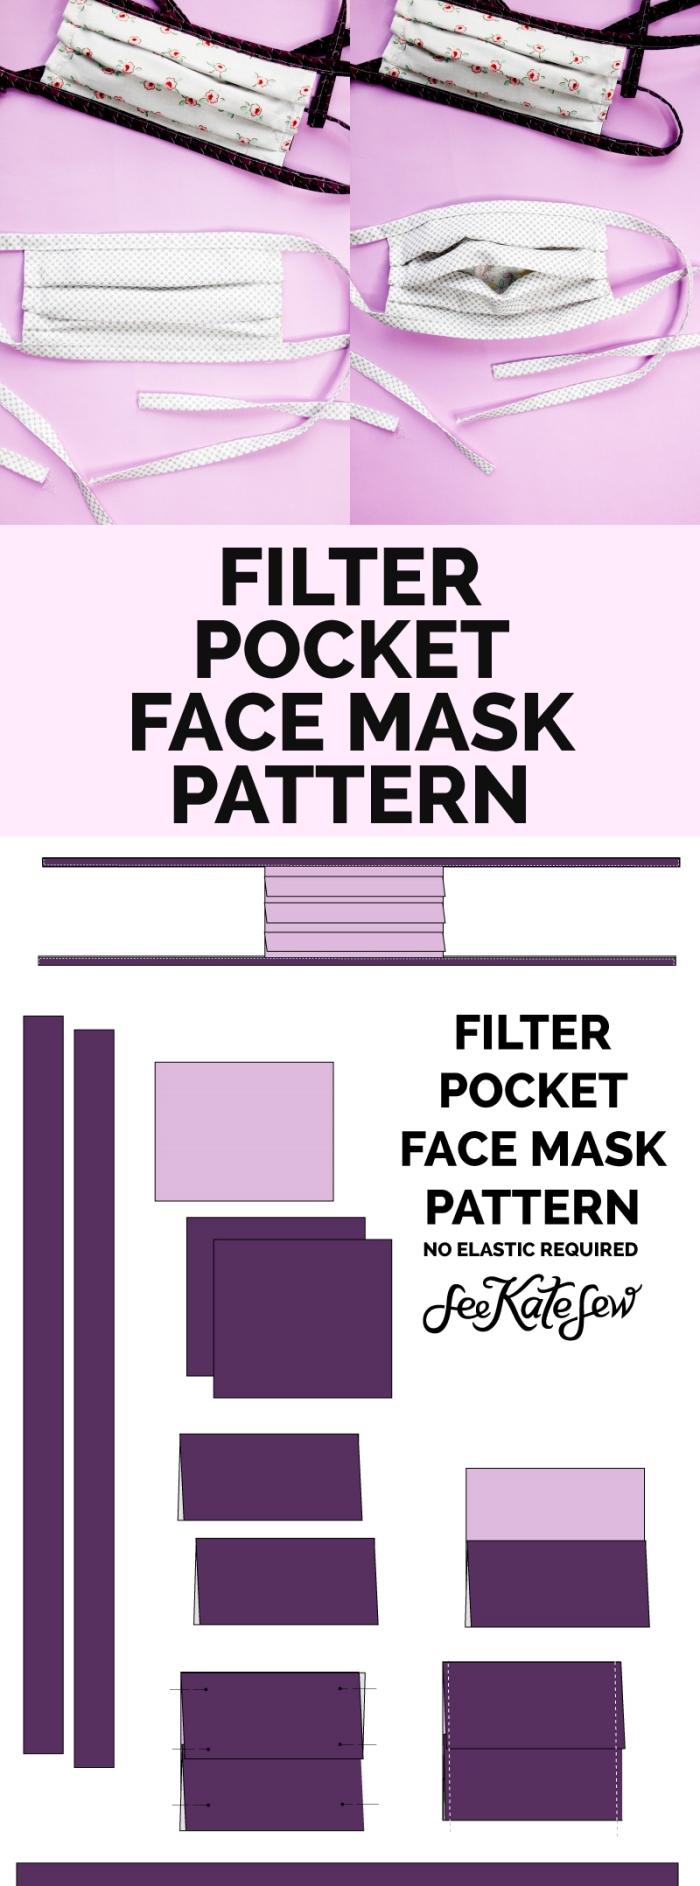 tutoriel facile comment faire un masque avec poche pour filtre, bricolage confinement facile, DIY masque avec filtre